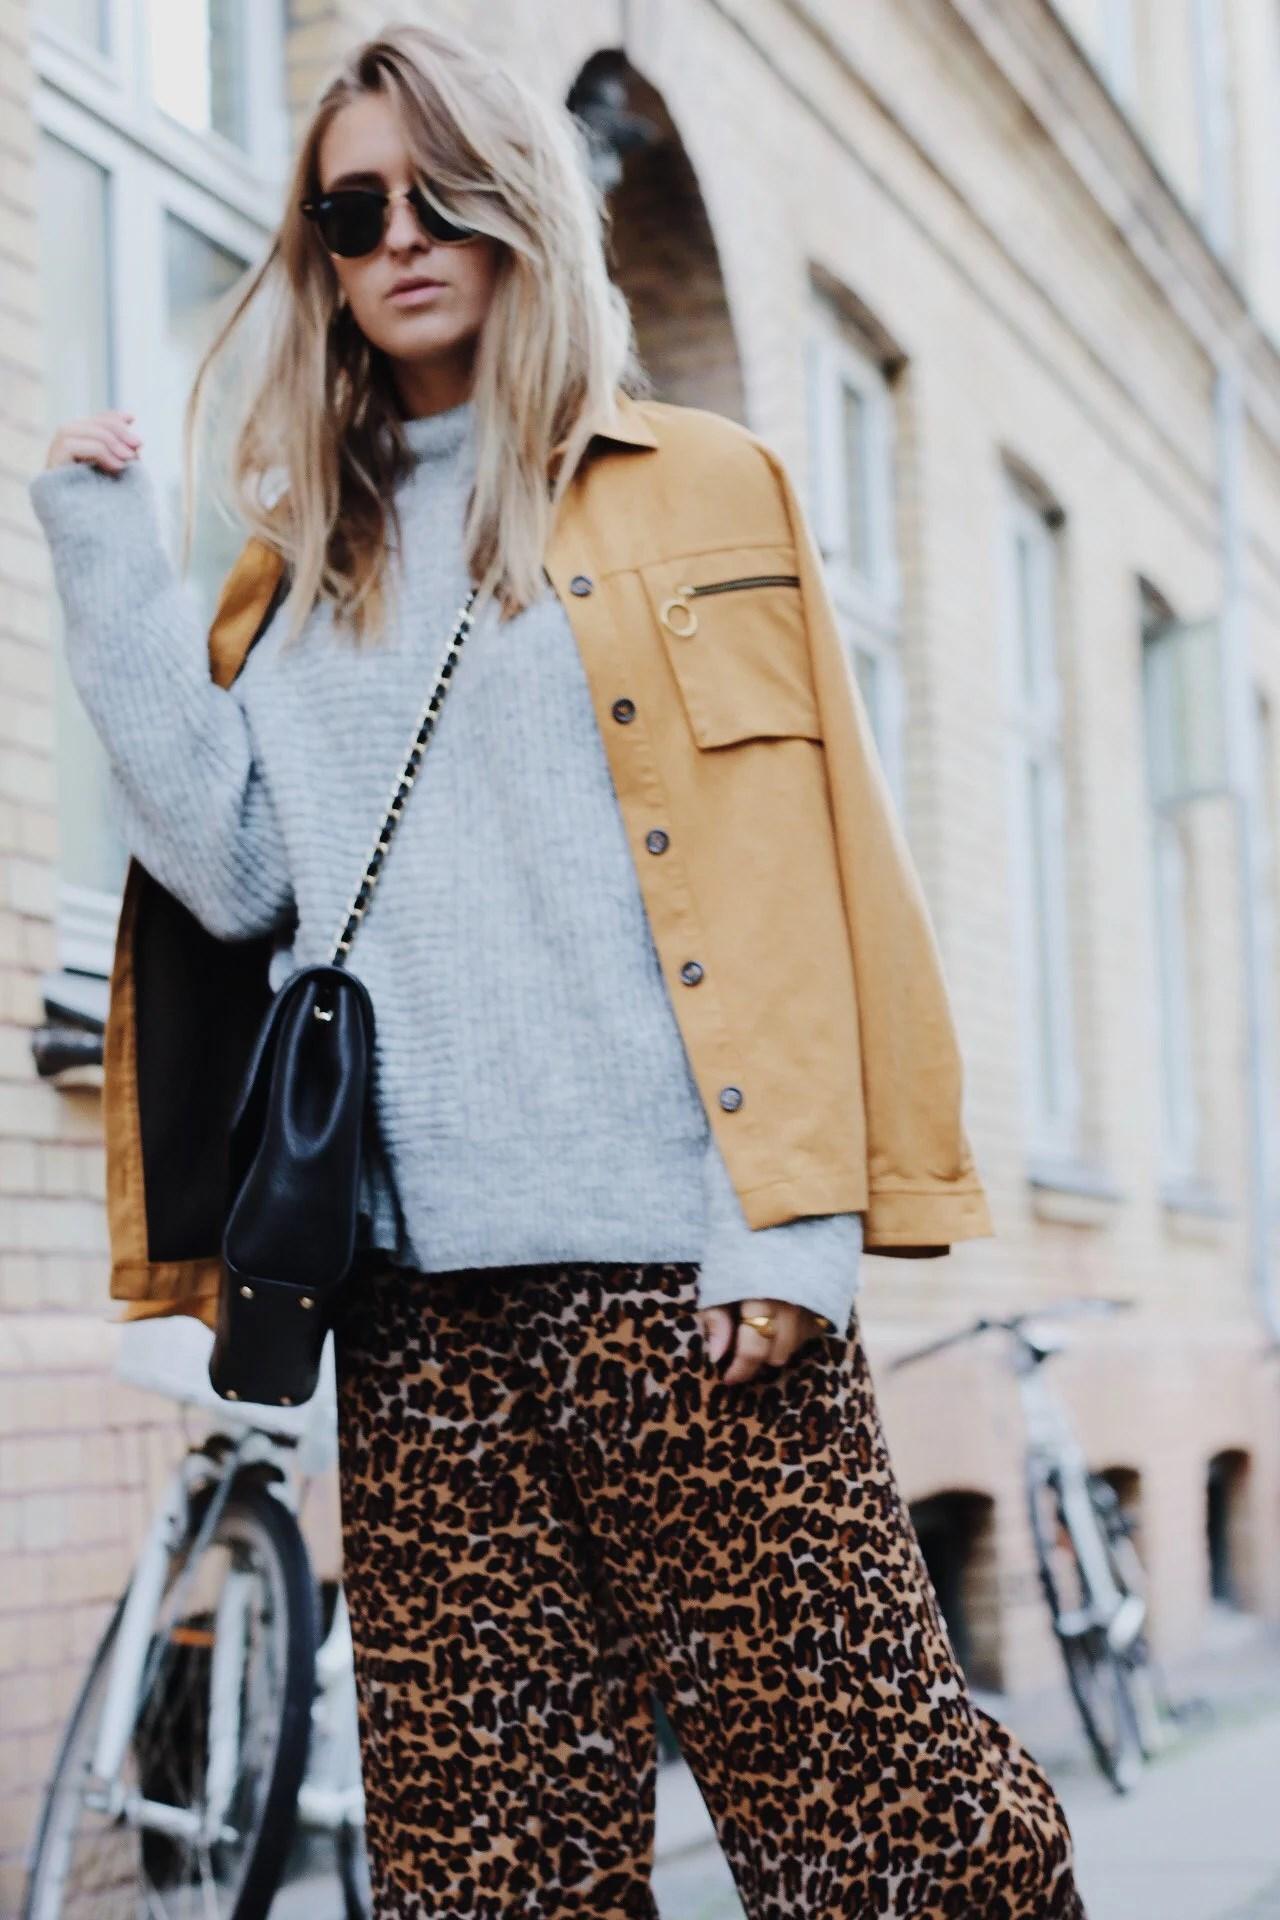 Leopard styles